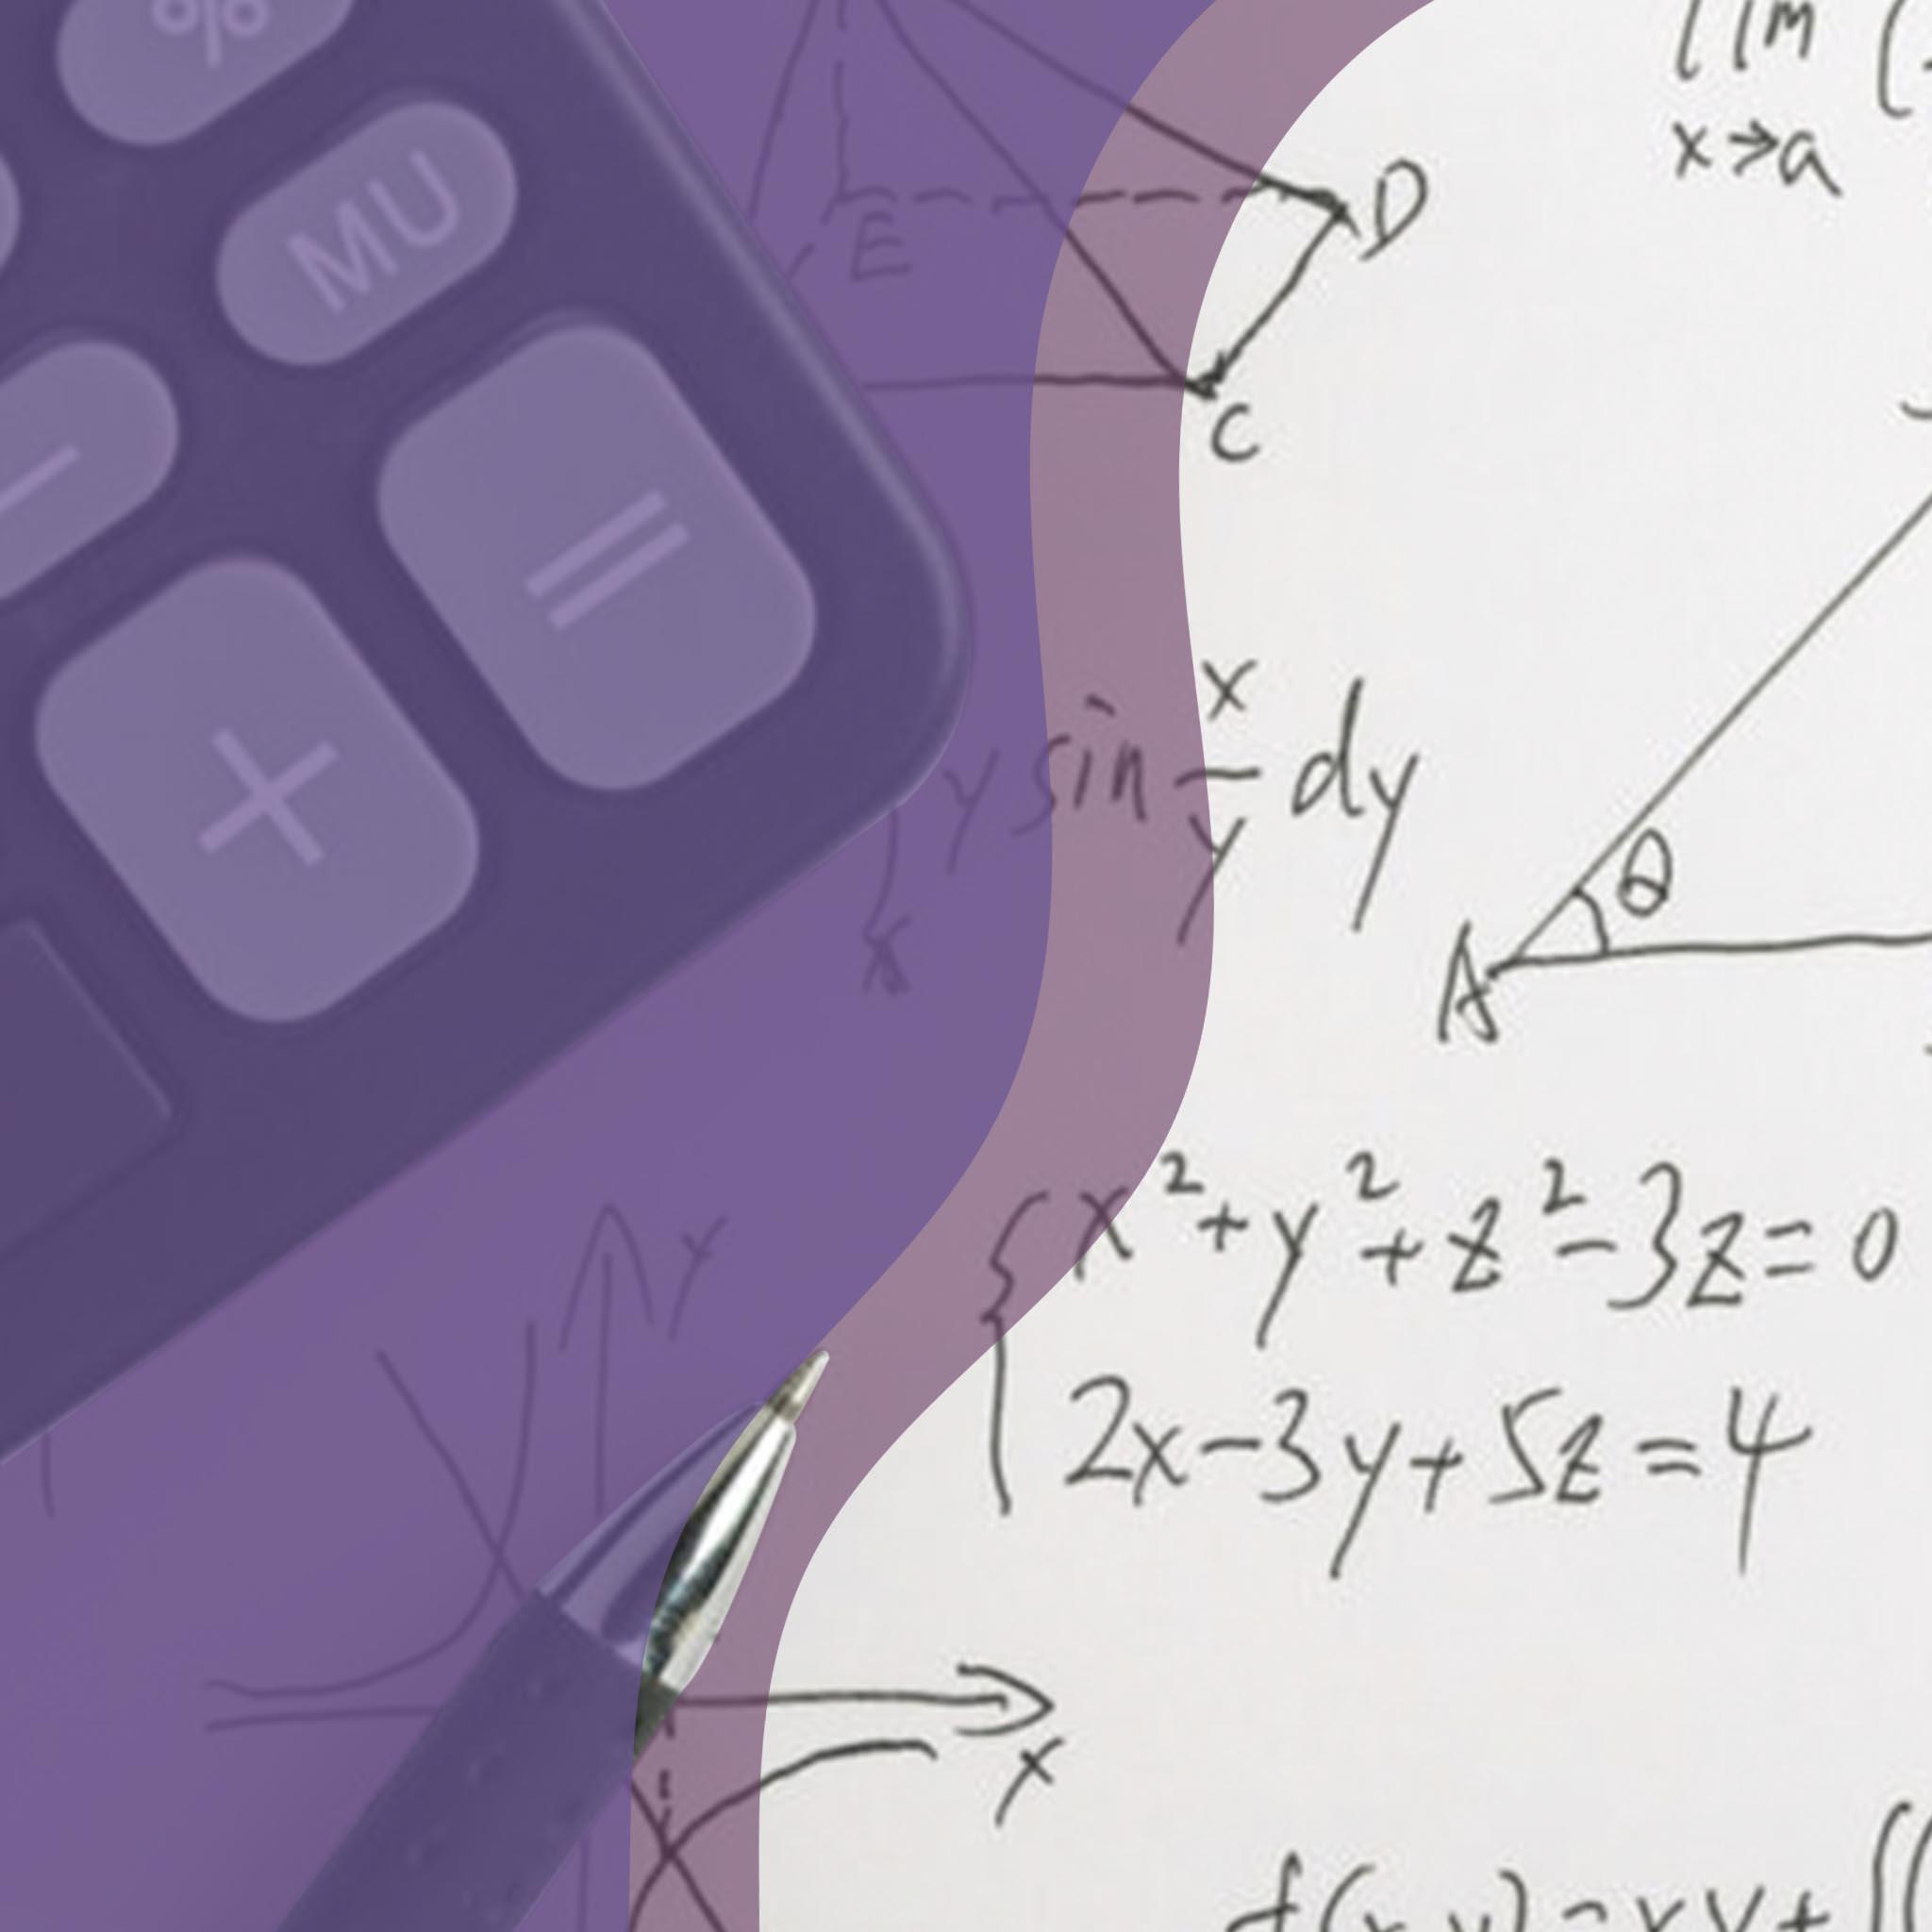 RESOLVER PROBLEMAS DE MATES EN 4 PASOS BÁSICOS